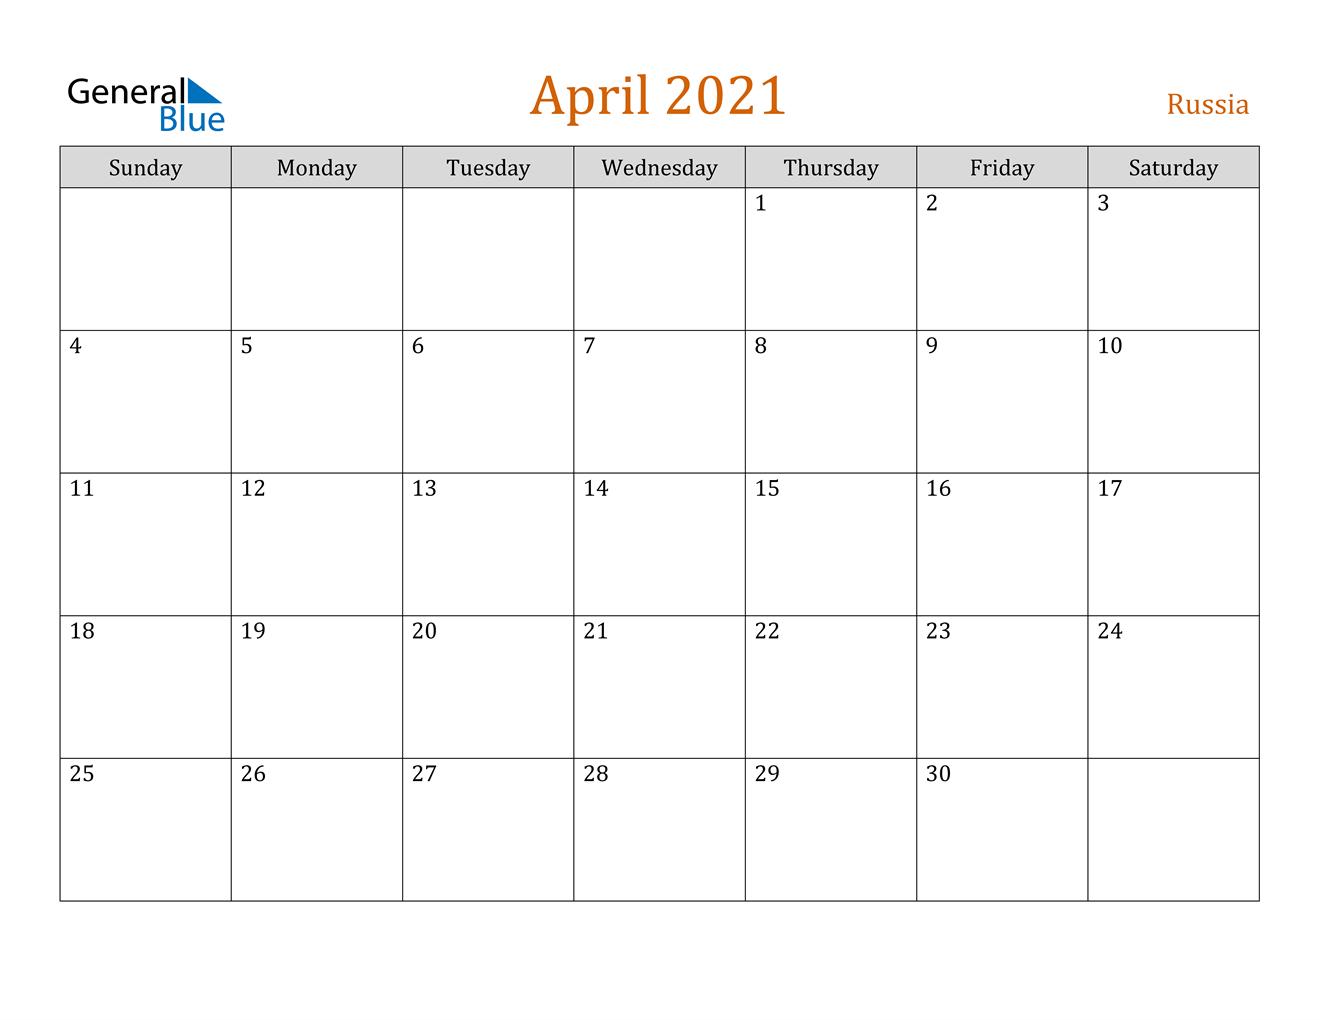 April 2021 Calendar Russia